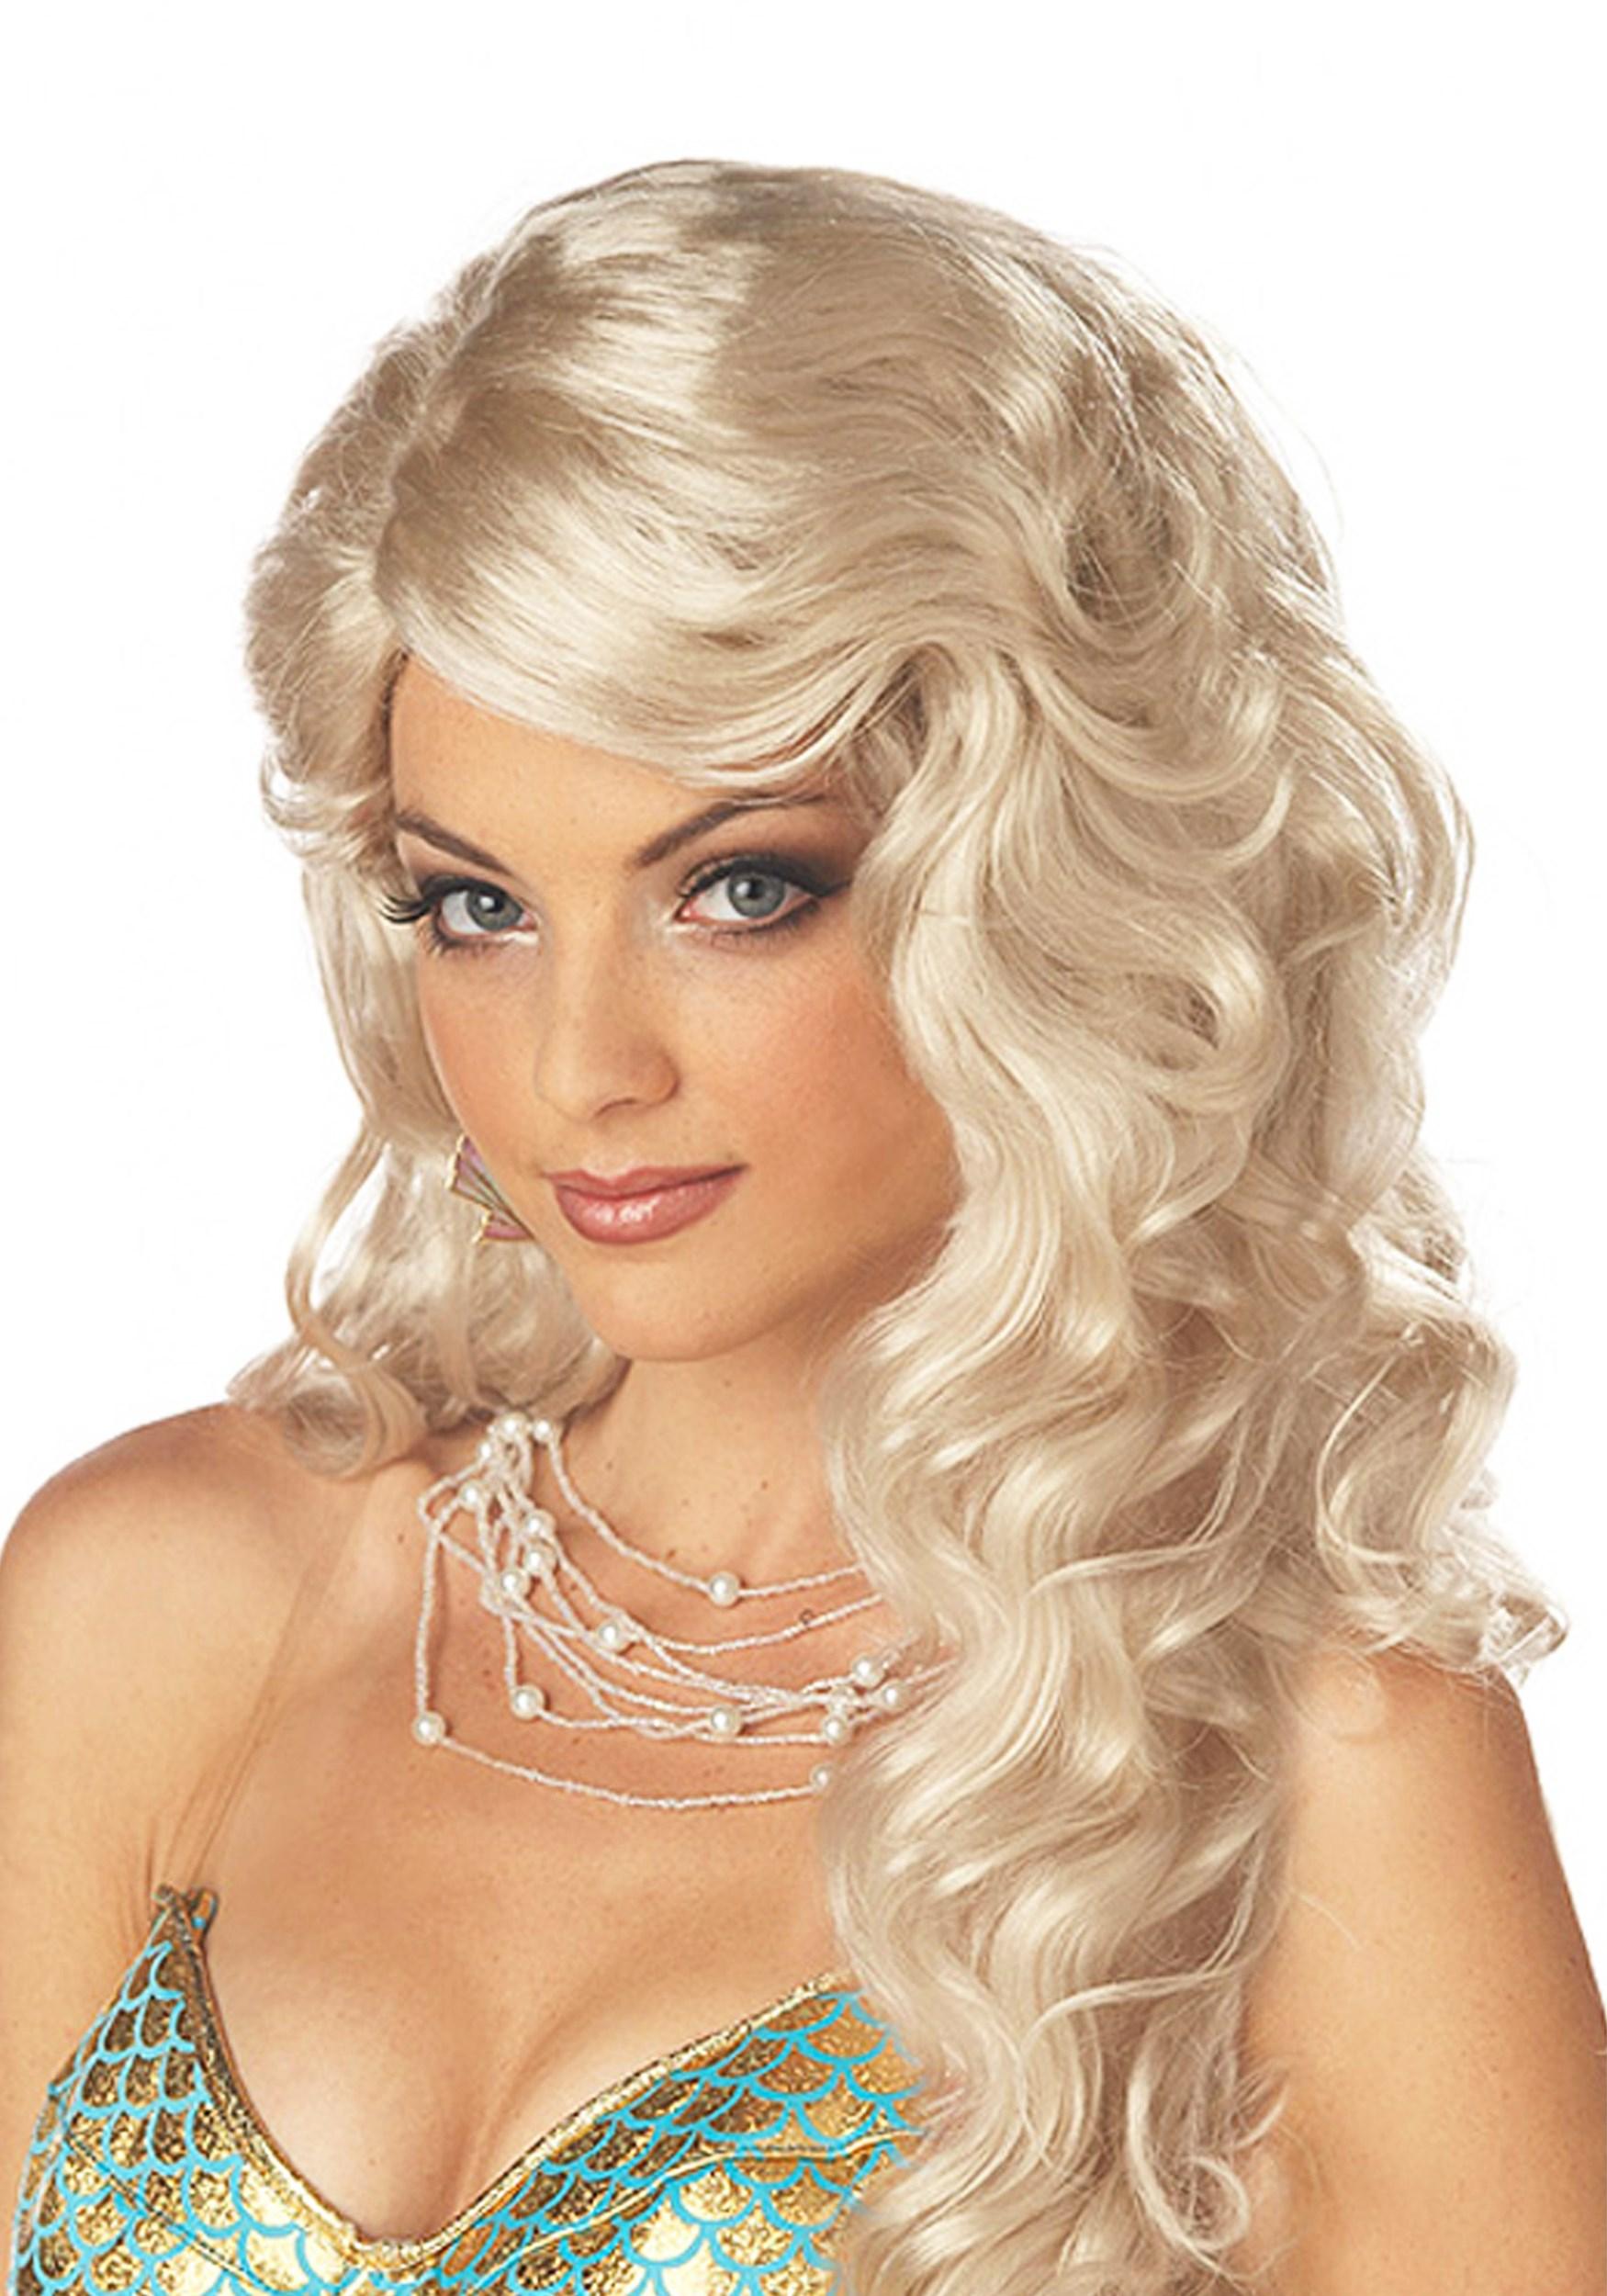 mermaid-blonde-wig.jpg 07a45bc3b